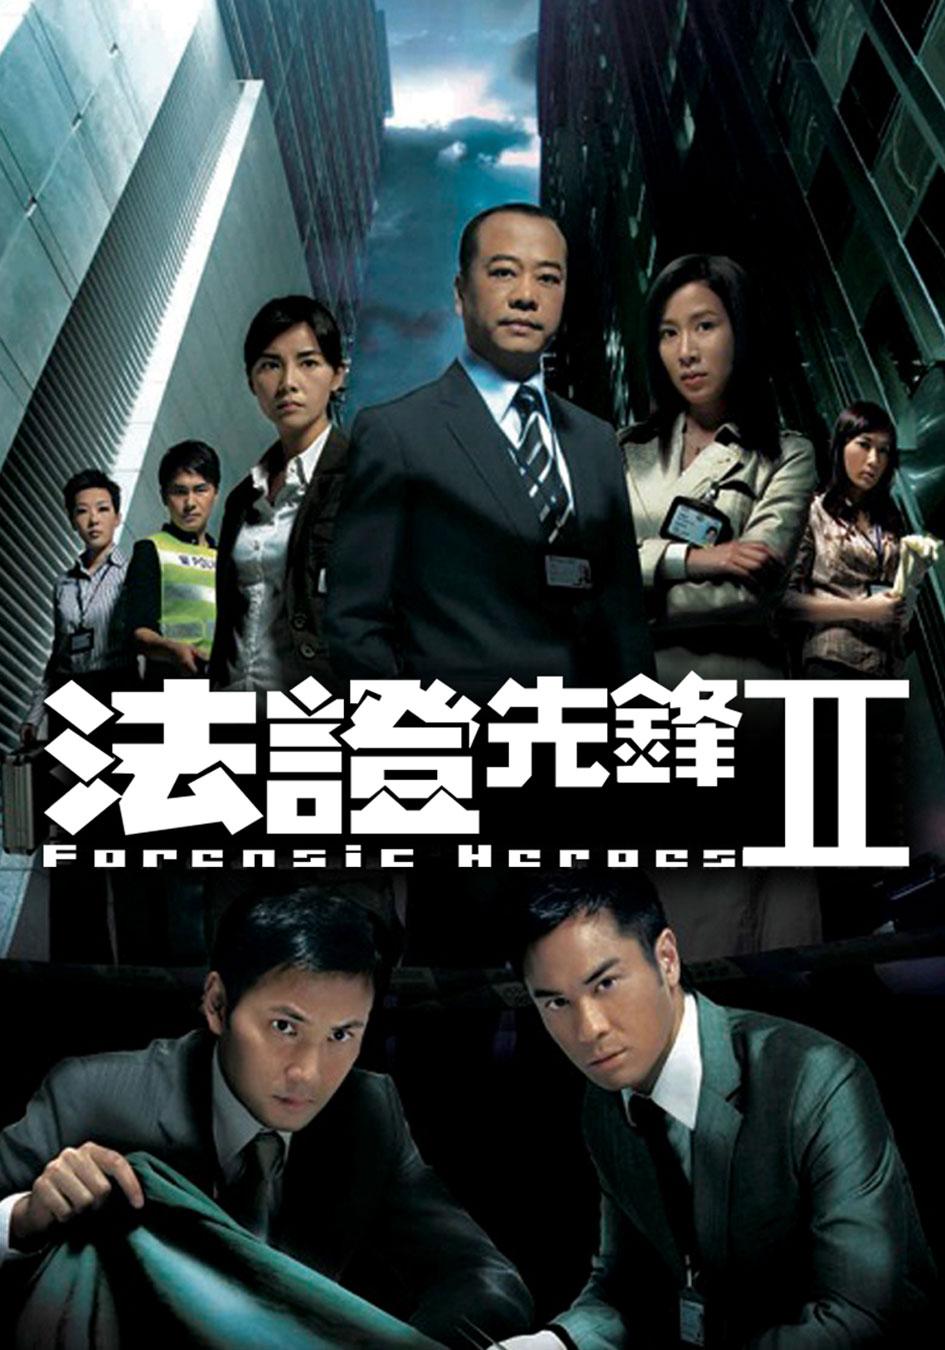 法證先鋒II - 節目介紹- encoreTVB 官方網站